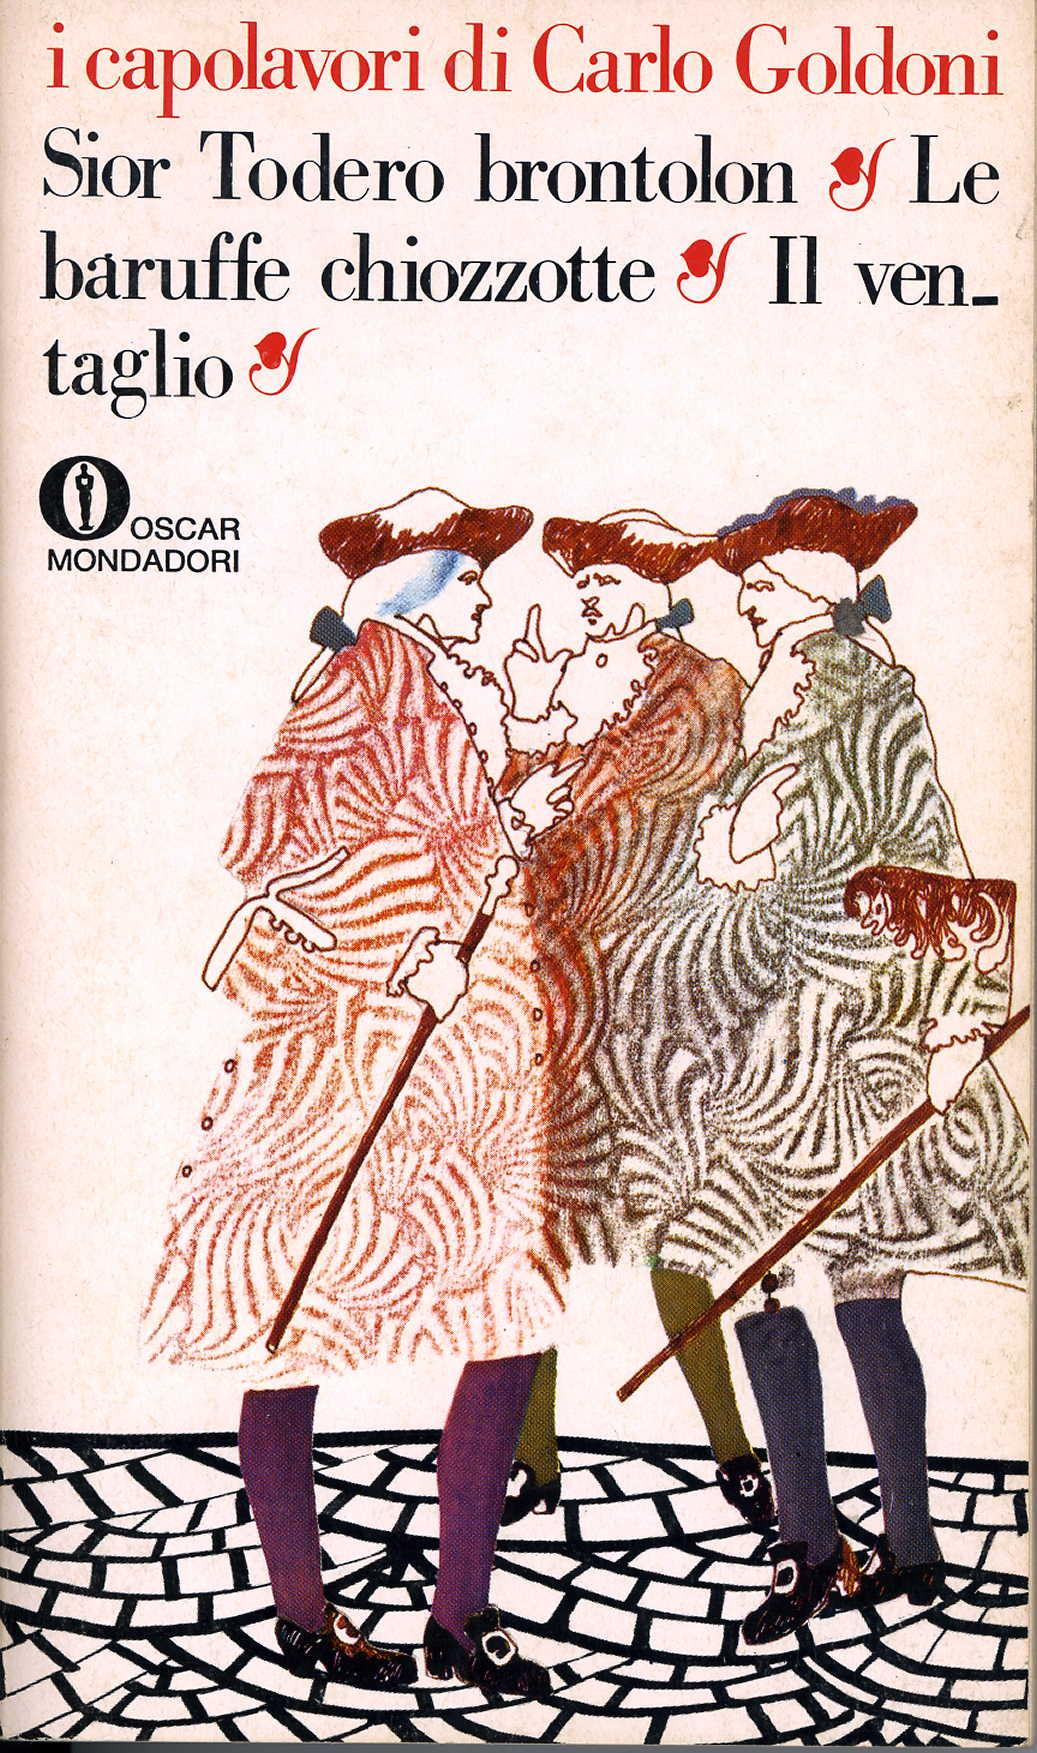 Sior Todero Brontolon - Le baruffe chiozzotte - Il ventaglio